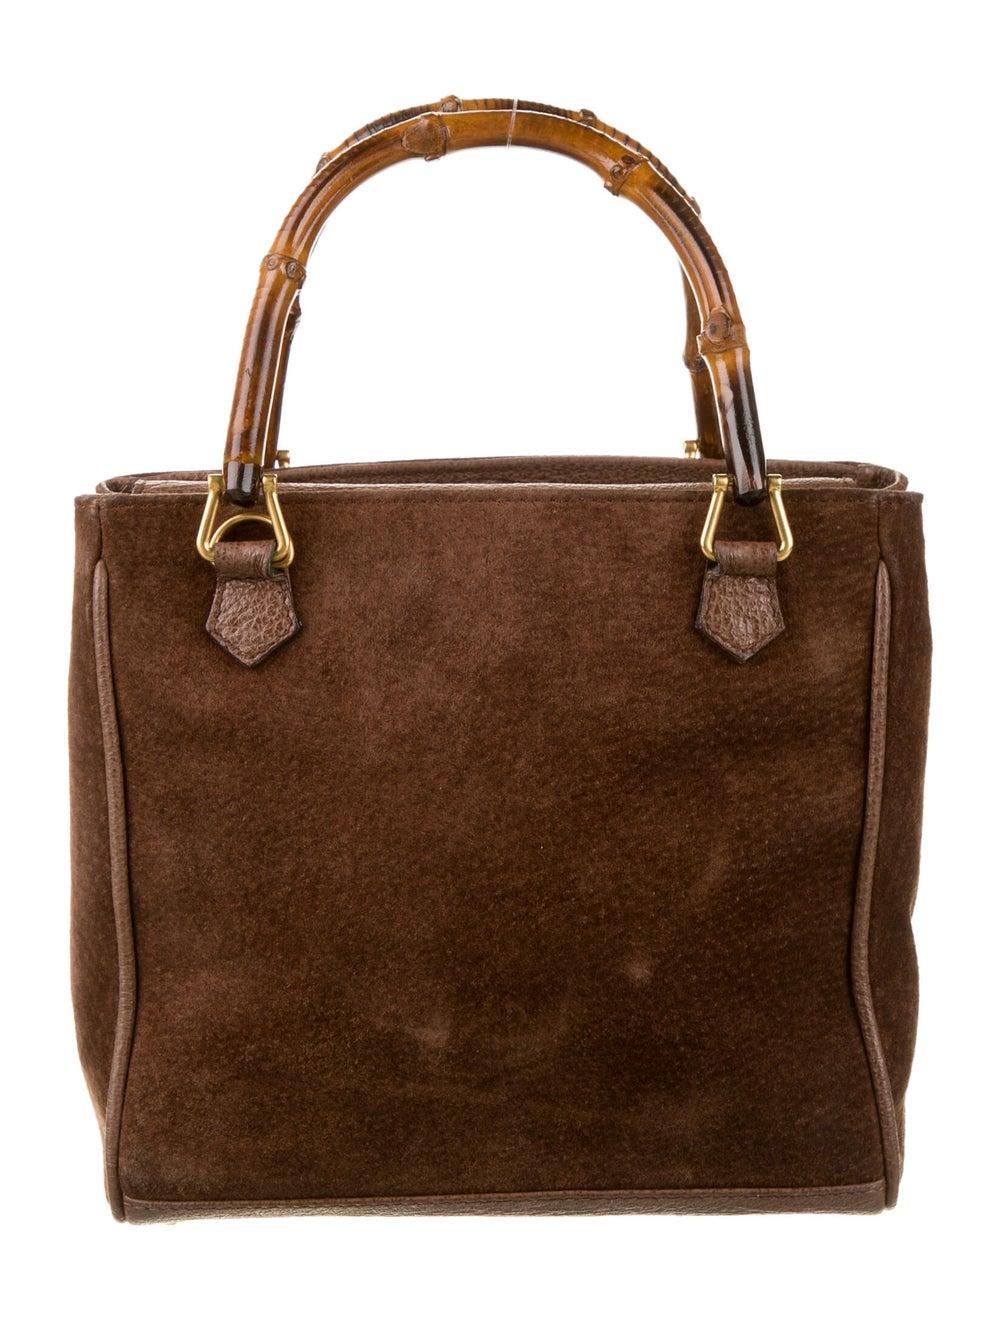 Gucci Vintage Mini Bamboo Handle Bag Brown - image 4